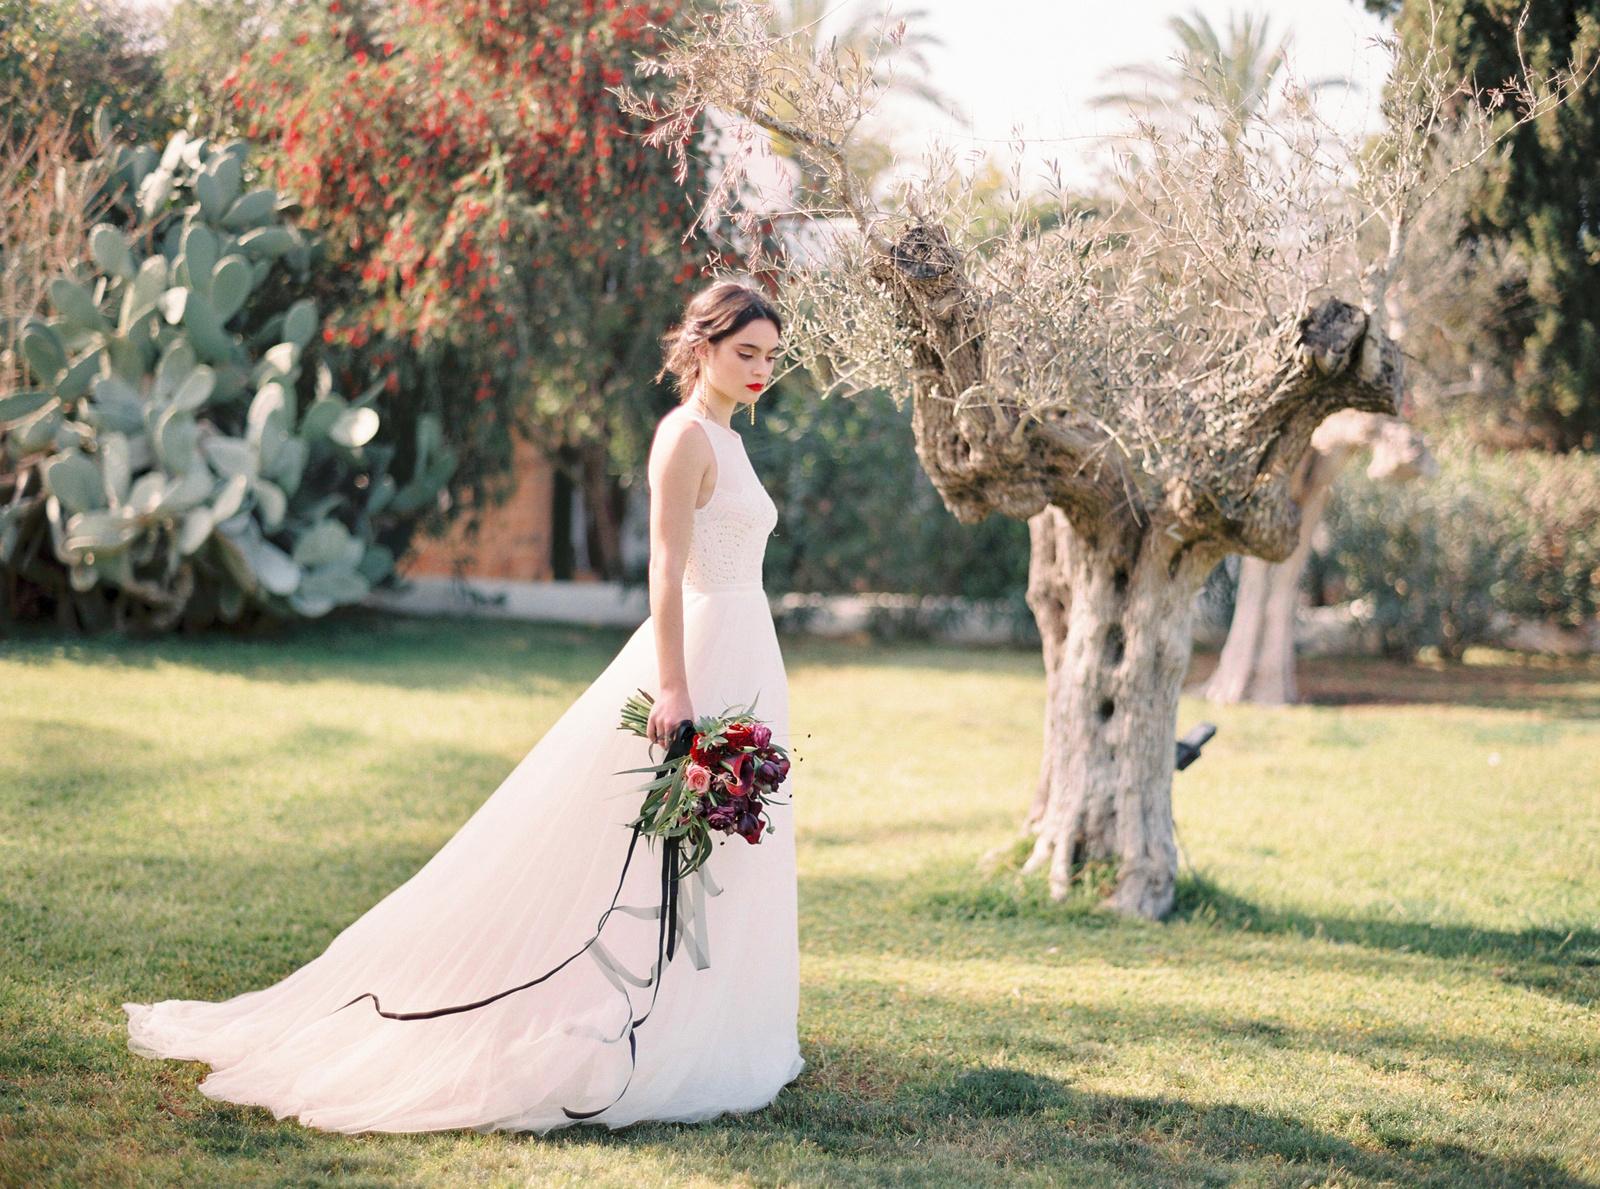 Minimalism and elegance in Ibiza: стилизованная яркая фотосессия